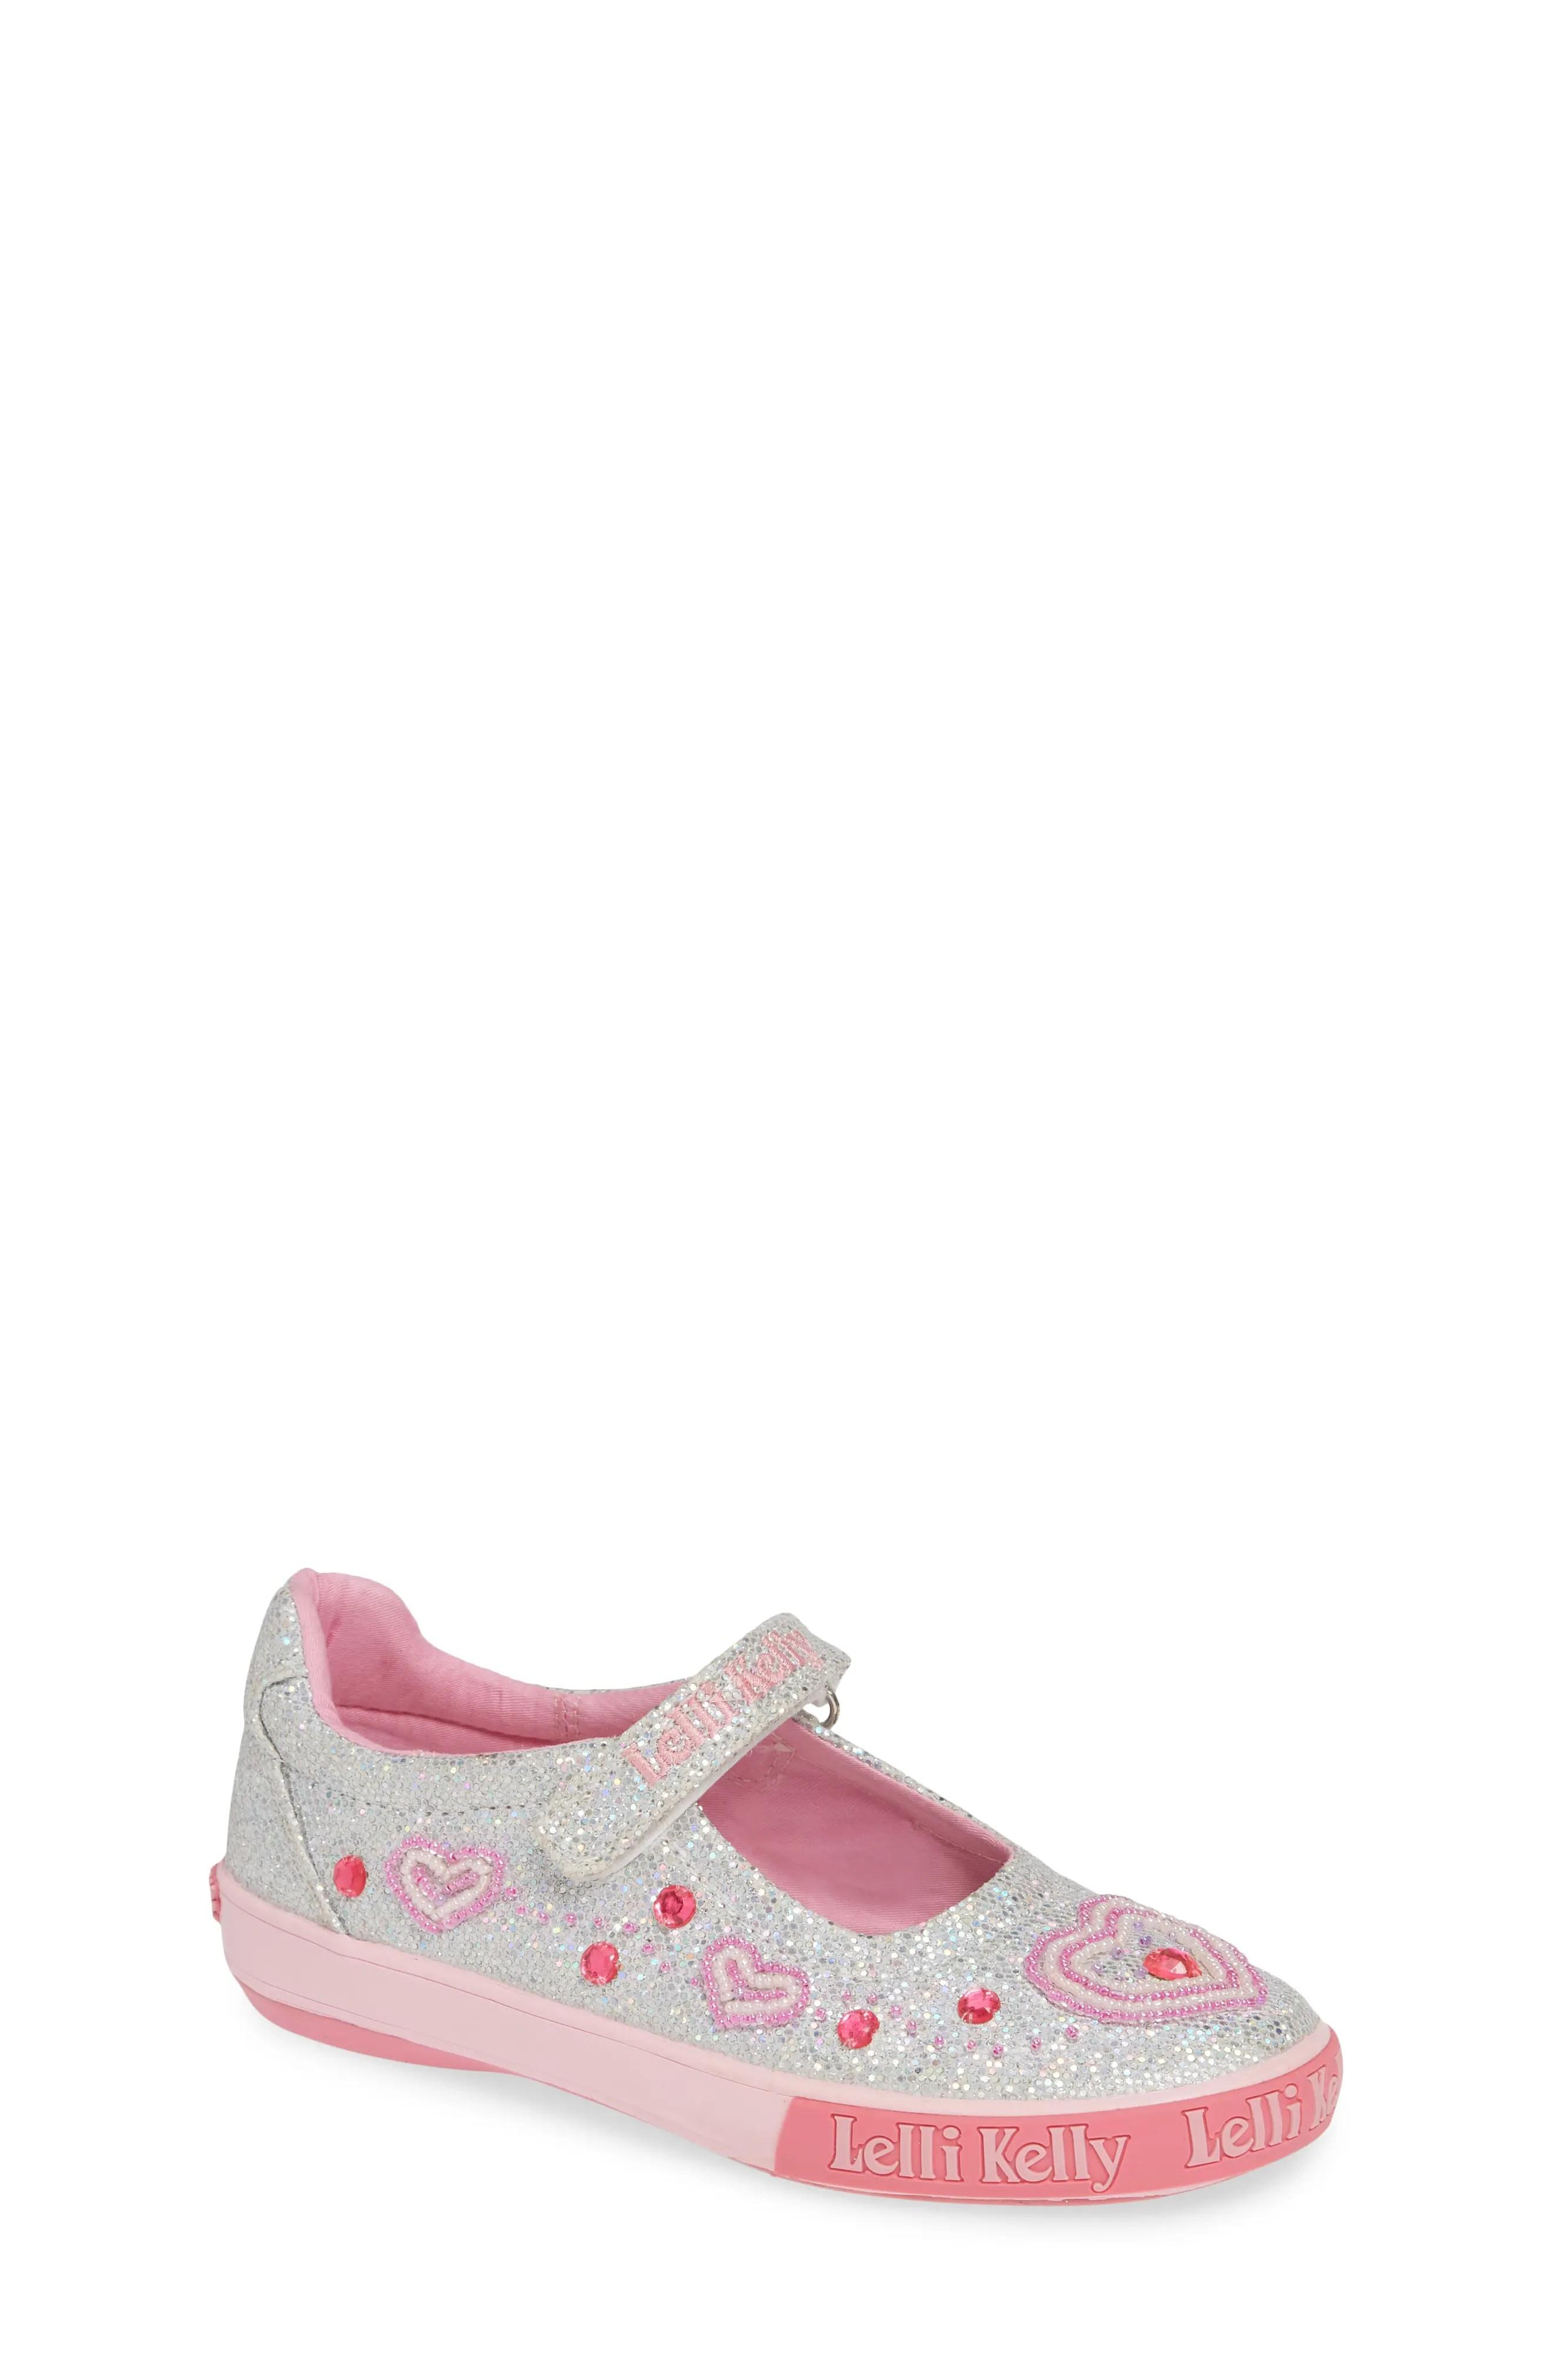 Lelli kelly beaded heart glitter mary jane sneaker toddler little kid  big also girls shoes sizes nordstrom rh shoprdstrom